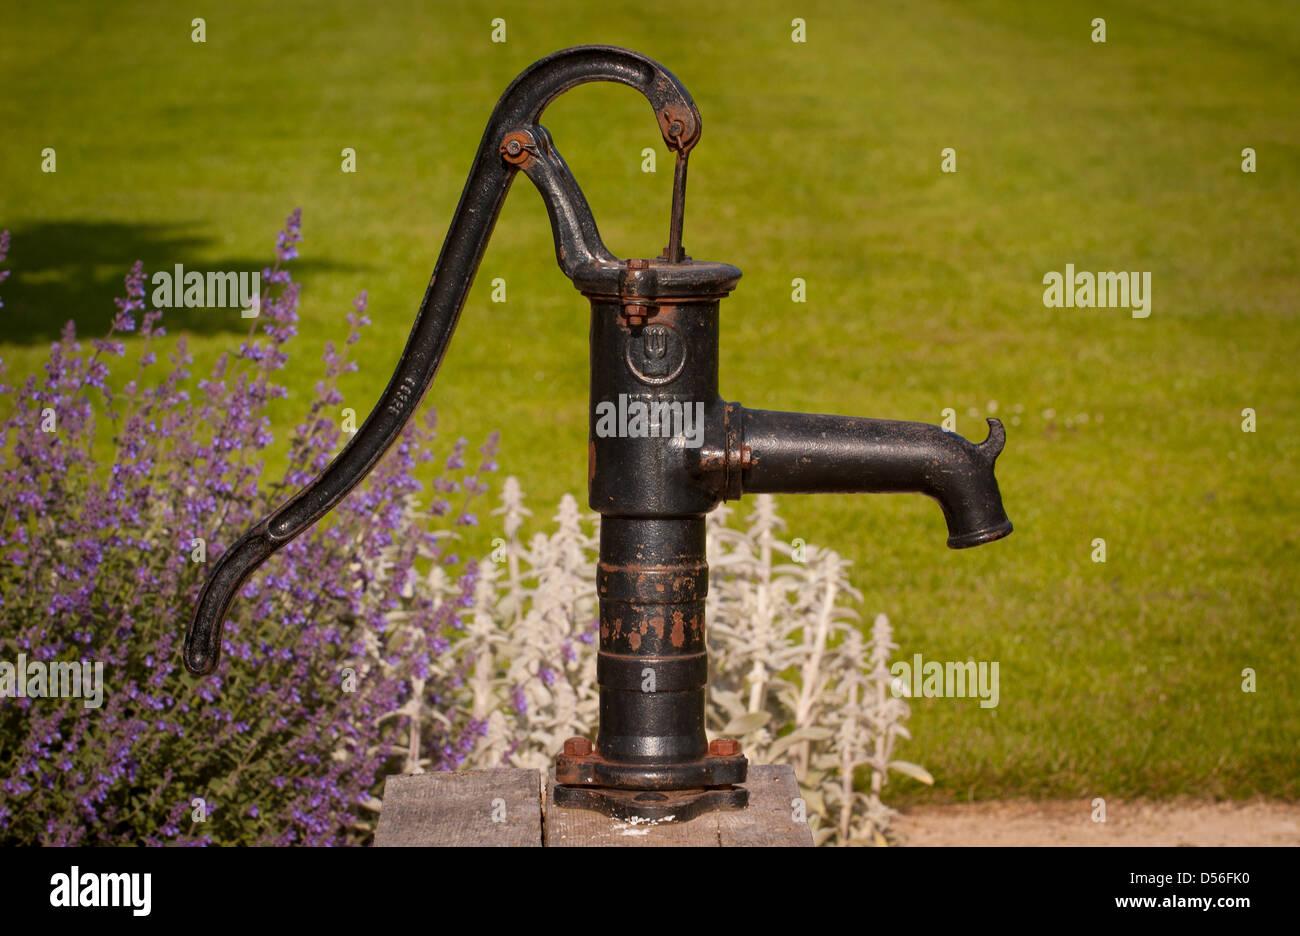 Altmodische Hand Wasserpumpe Im Garten Stockfoto Bild 54848388 Alamy